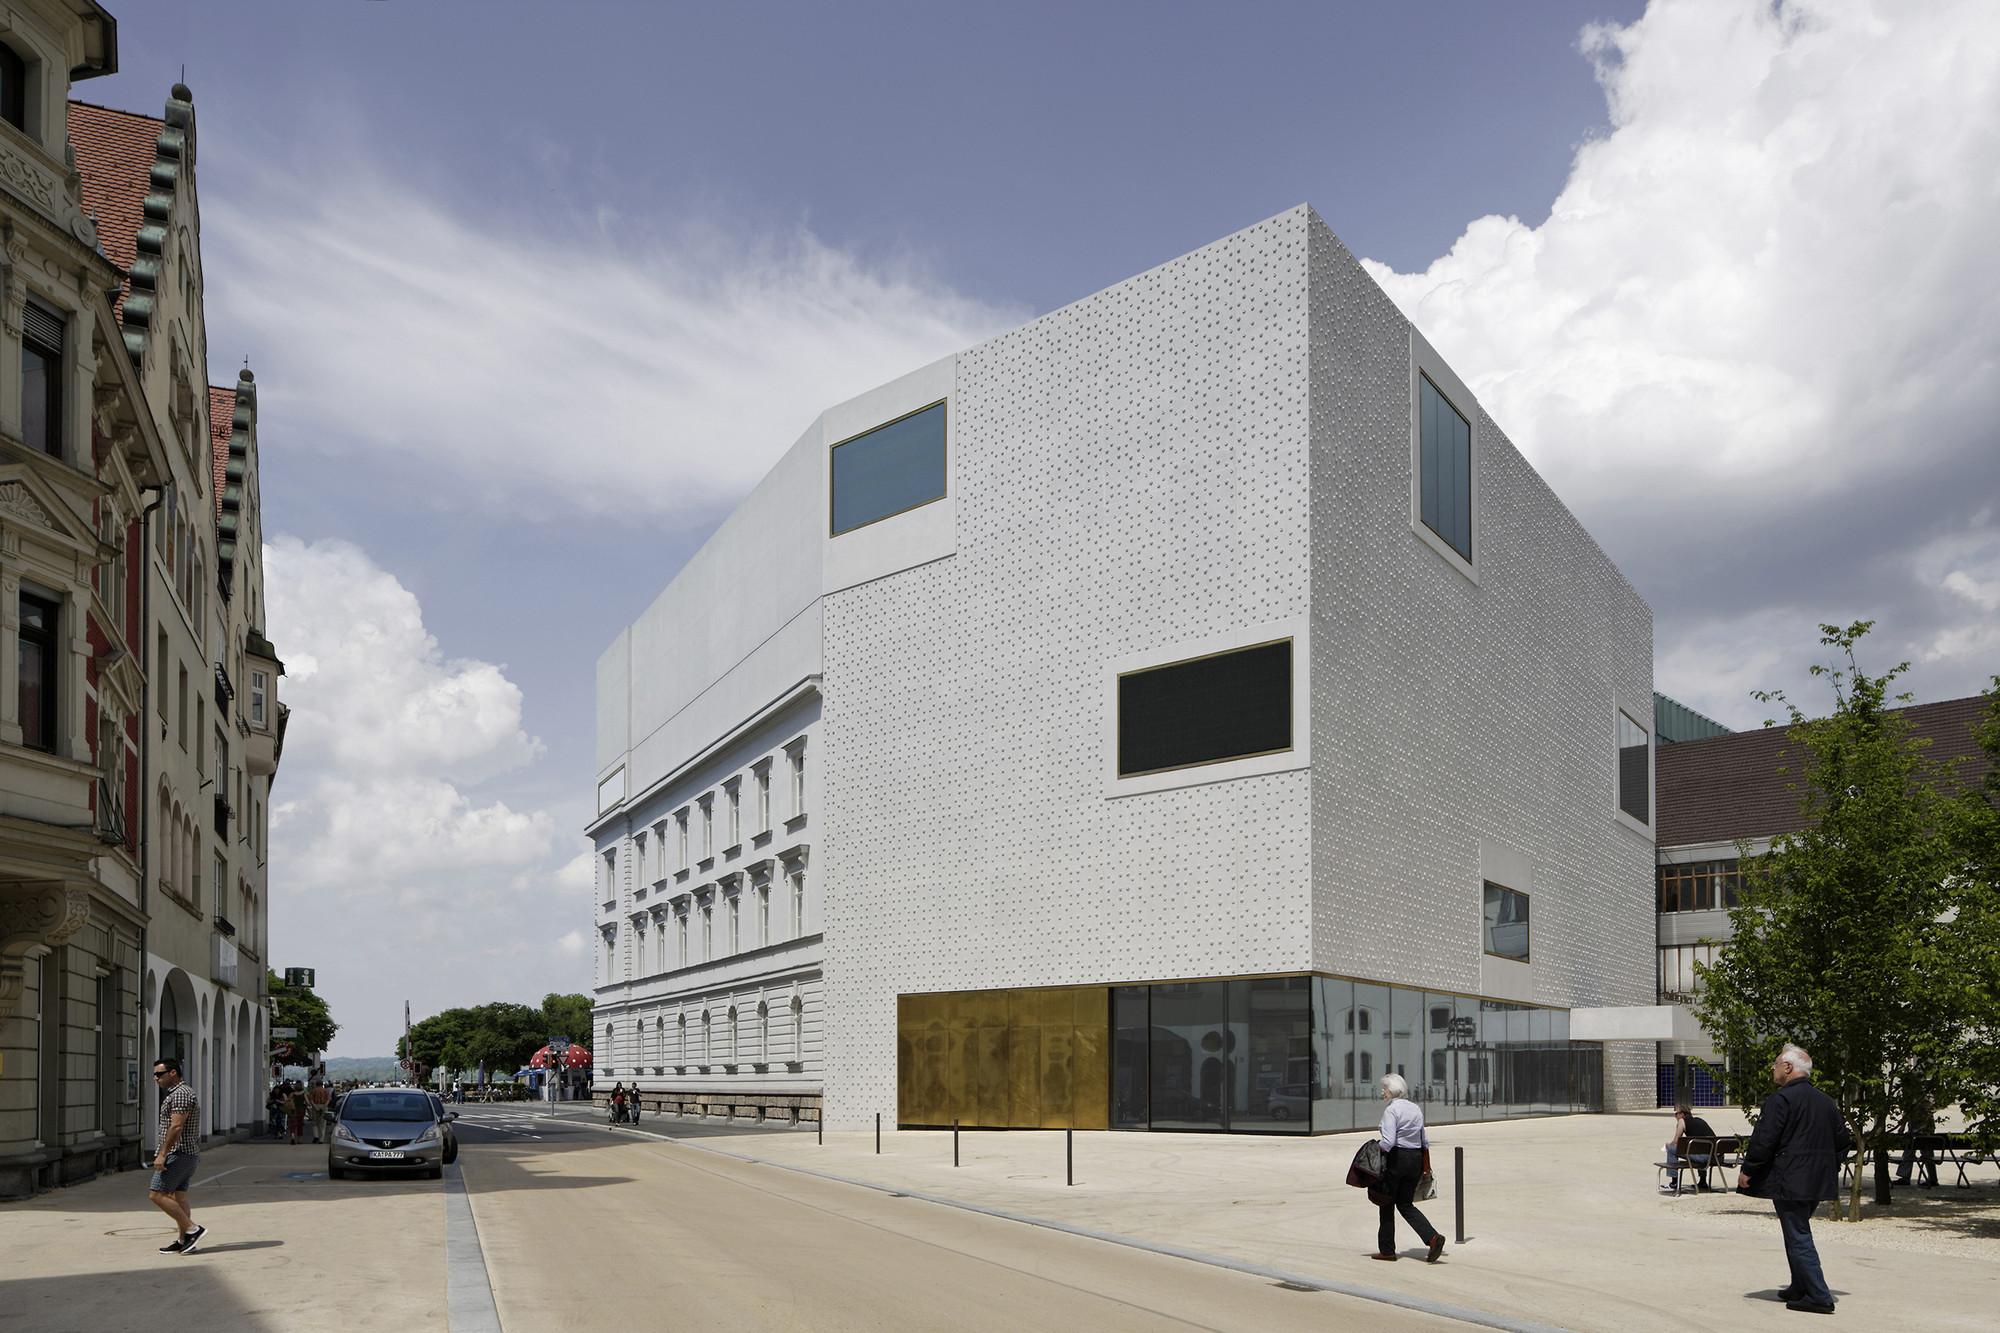 Museo Vorarlberg / Cukrowicz Nachbaur Architekte, © Hanspeter Schiess